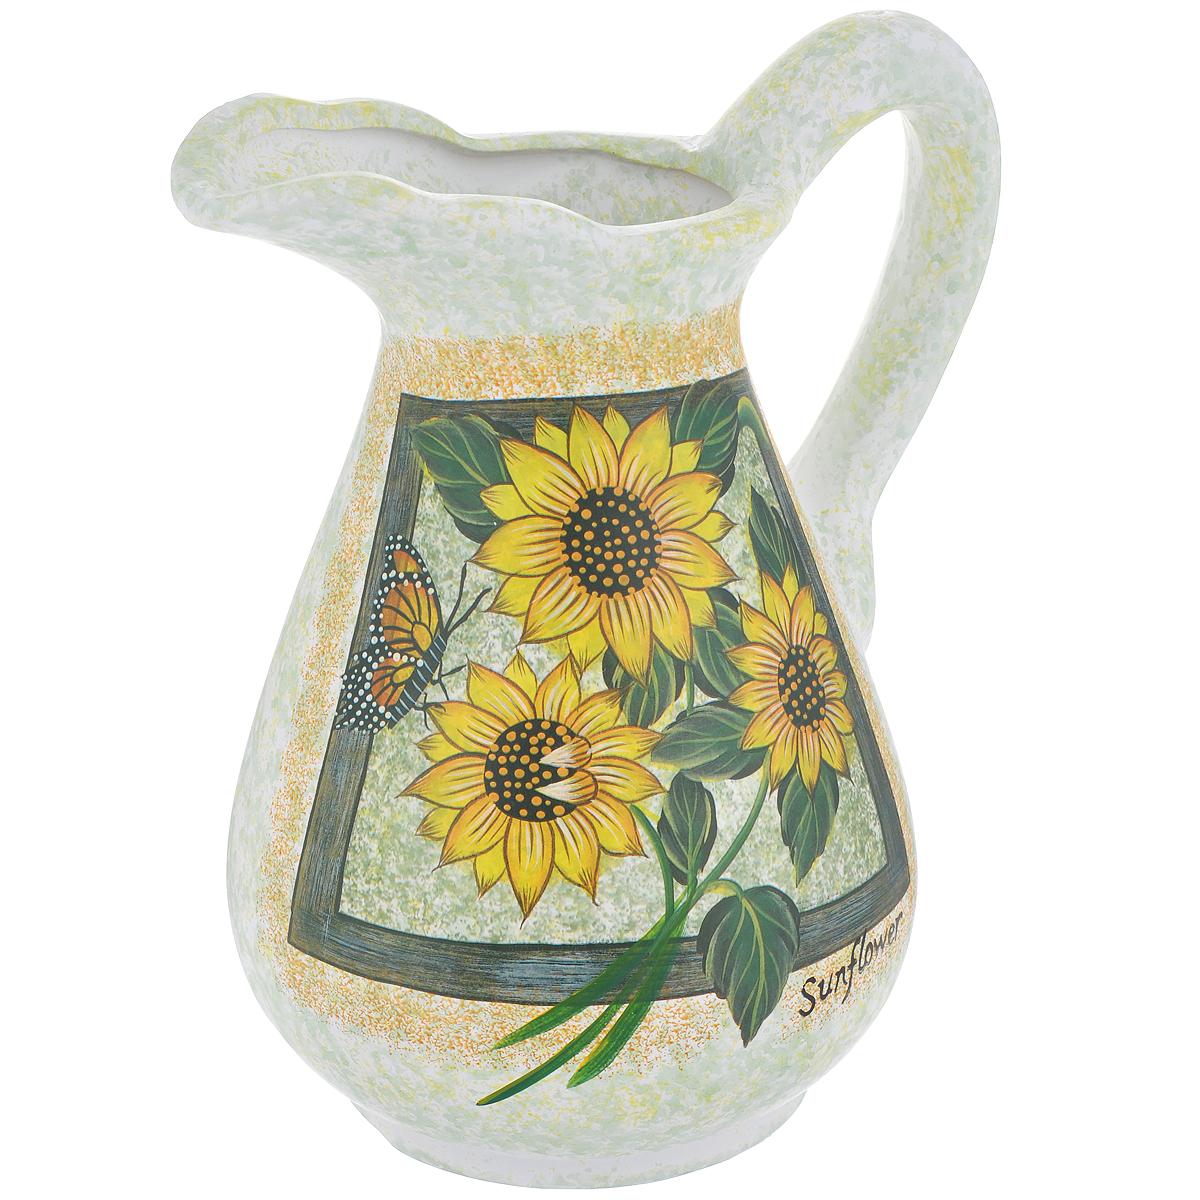 Ваза Lillo Солнечные цветы, высота 25 смLil 3052Элегантная ваза Lillo Солнечные цветы выполнена из высококачественной керамики в виде кувшина и декорирована рисунком. Она придется по вкусу и ценителям классики, и тем, кто предпочитает утонченность и изящность. Вы можете поставить вазу в любом месте, где она будет удачно смотреться и радовать глаз. Такая ваза подойдет и для цветов, и для декора интерьера. Кроме того - это отличный вариант подарка для ваших близких и друзей. Высота вазы: 25 см. Диаметр основания: 11,5 см.